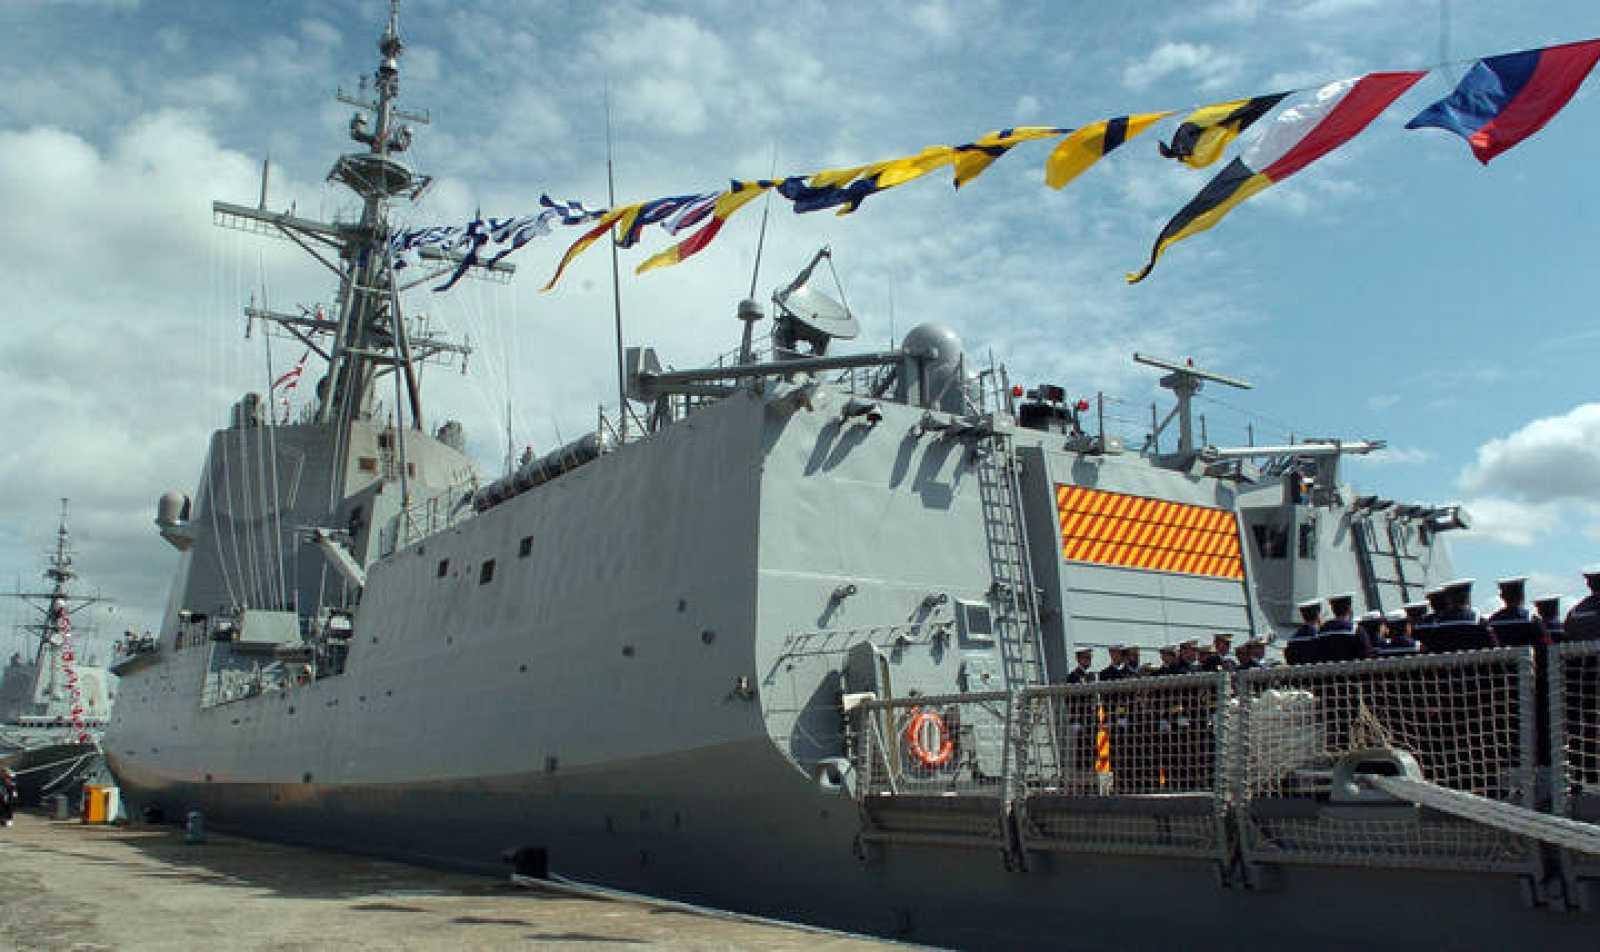 La fragata Méndez Núñez el día de su entrega al Ministerio de Defensa